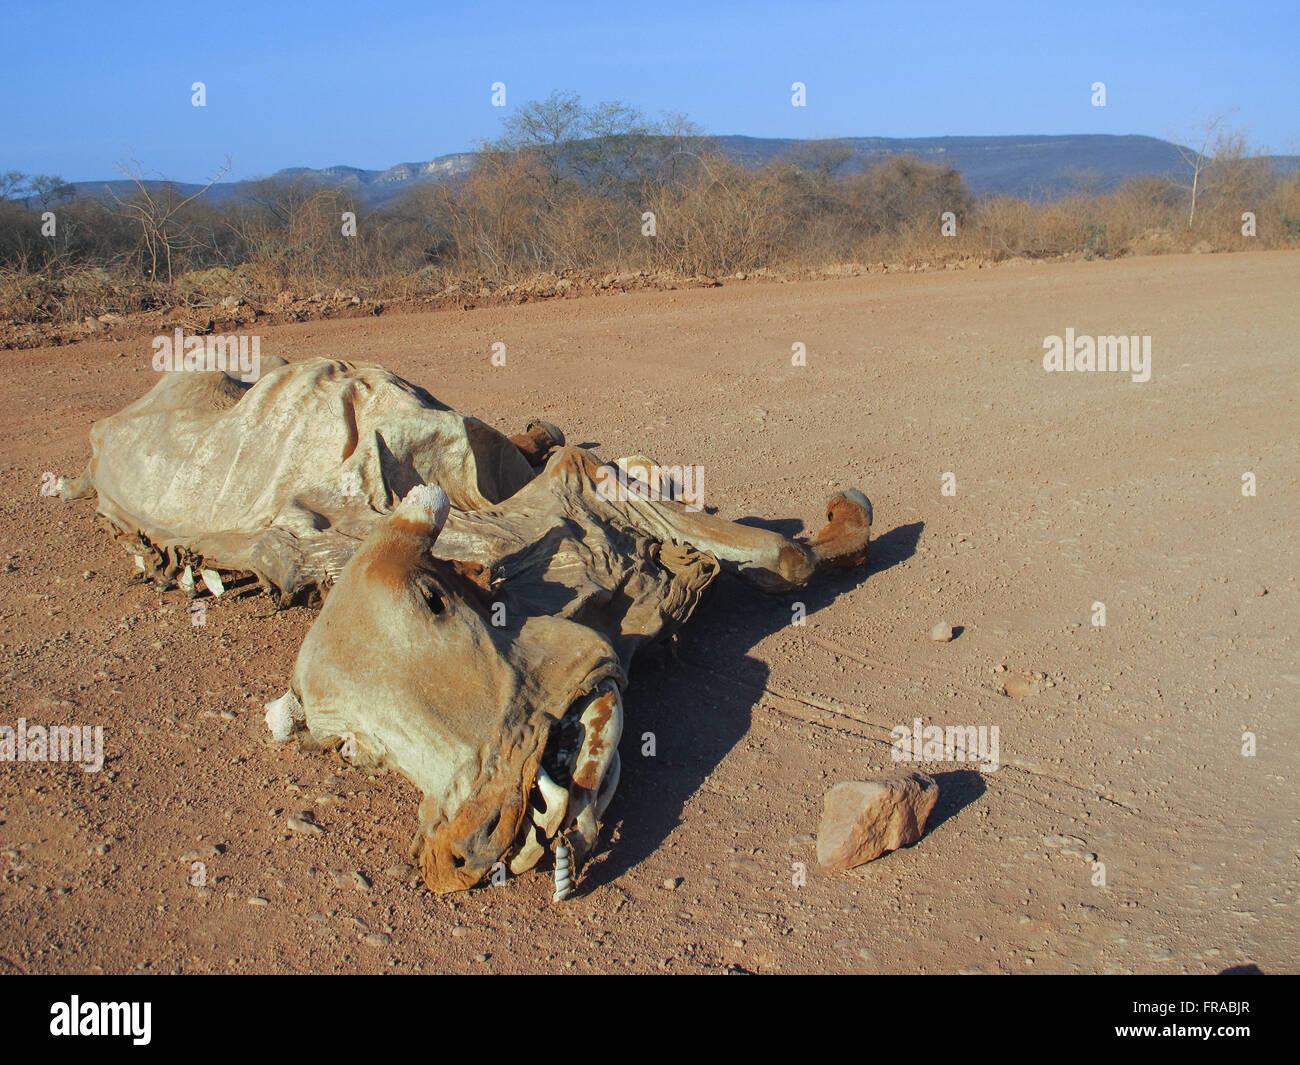 El ganado muerto en la zona afectada por la sequía en el noreste backlands Imagen De Stock